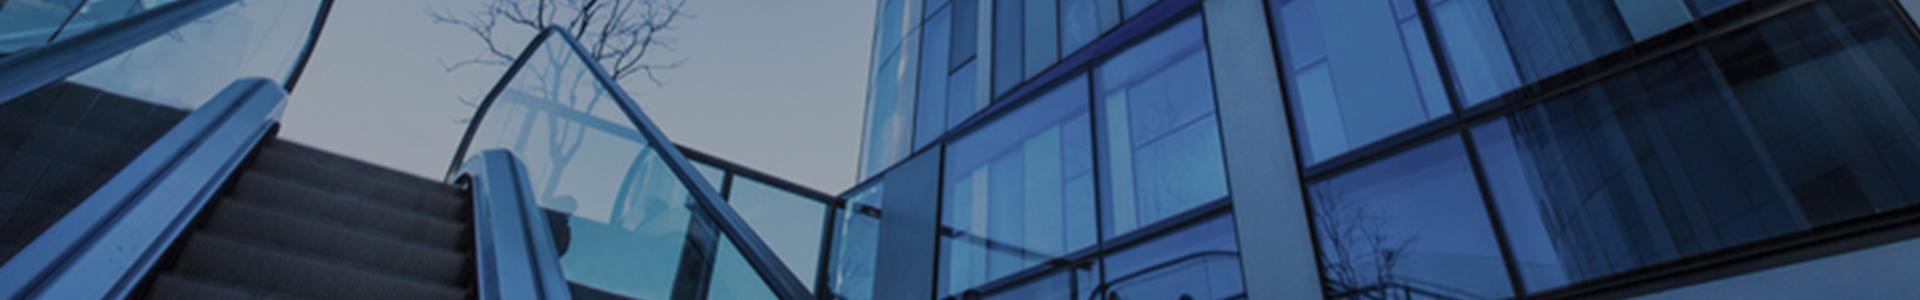 电梯销售厂家电梯维修厂家电梯保养厂家